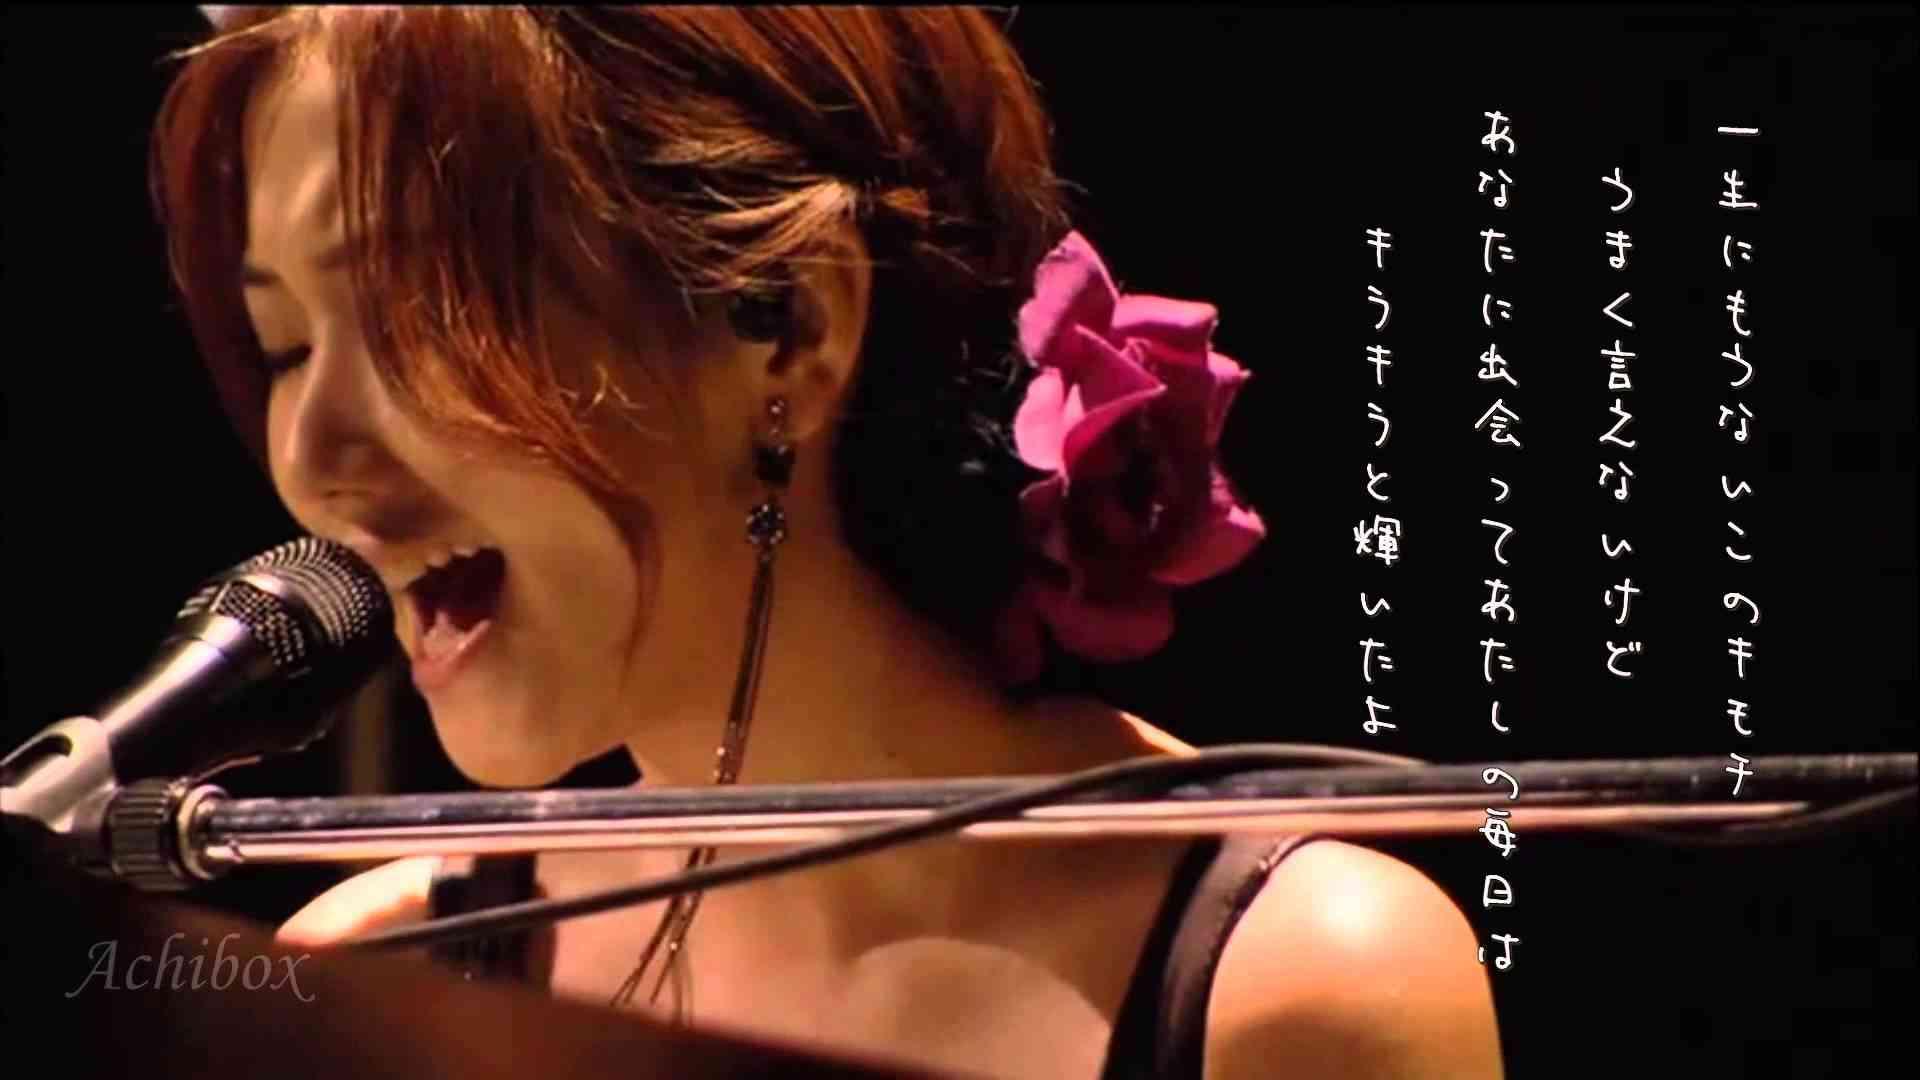 大塚愛 恋愛写真  .。.:*・゜歌詞付き:*・゜。:.* - YouTube